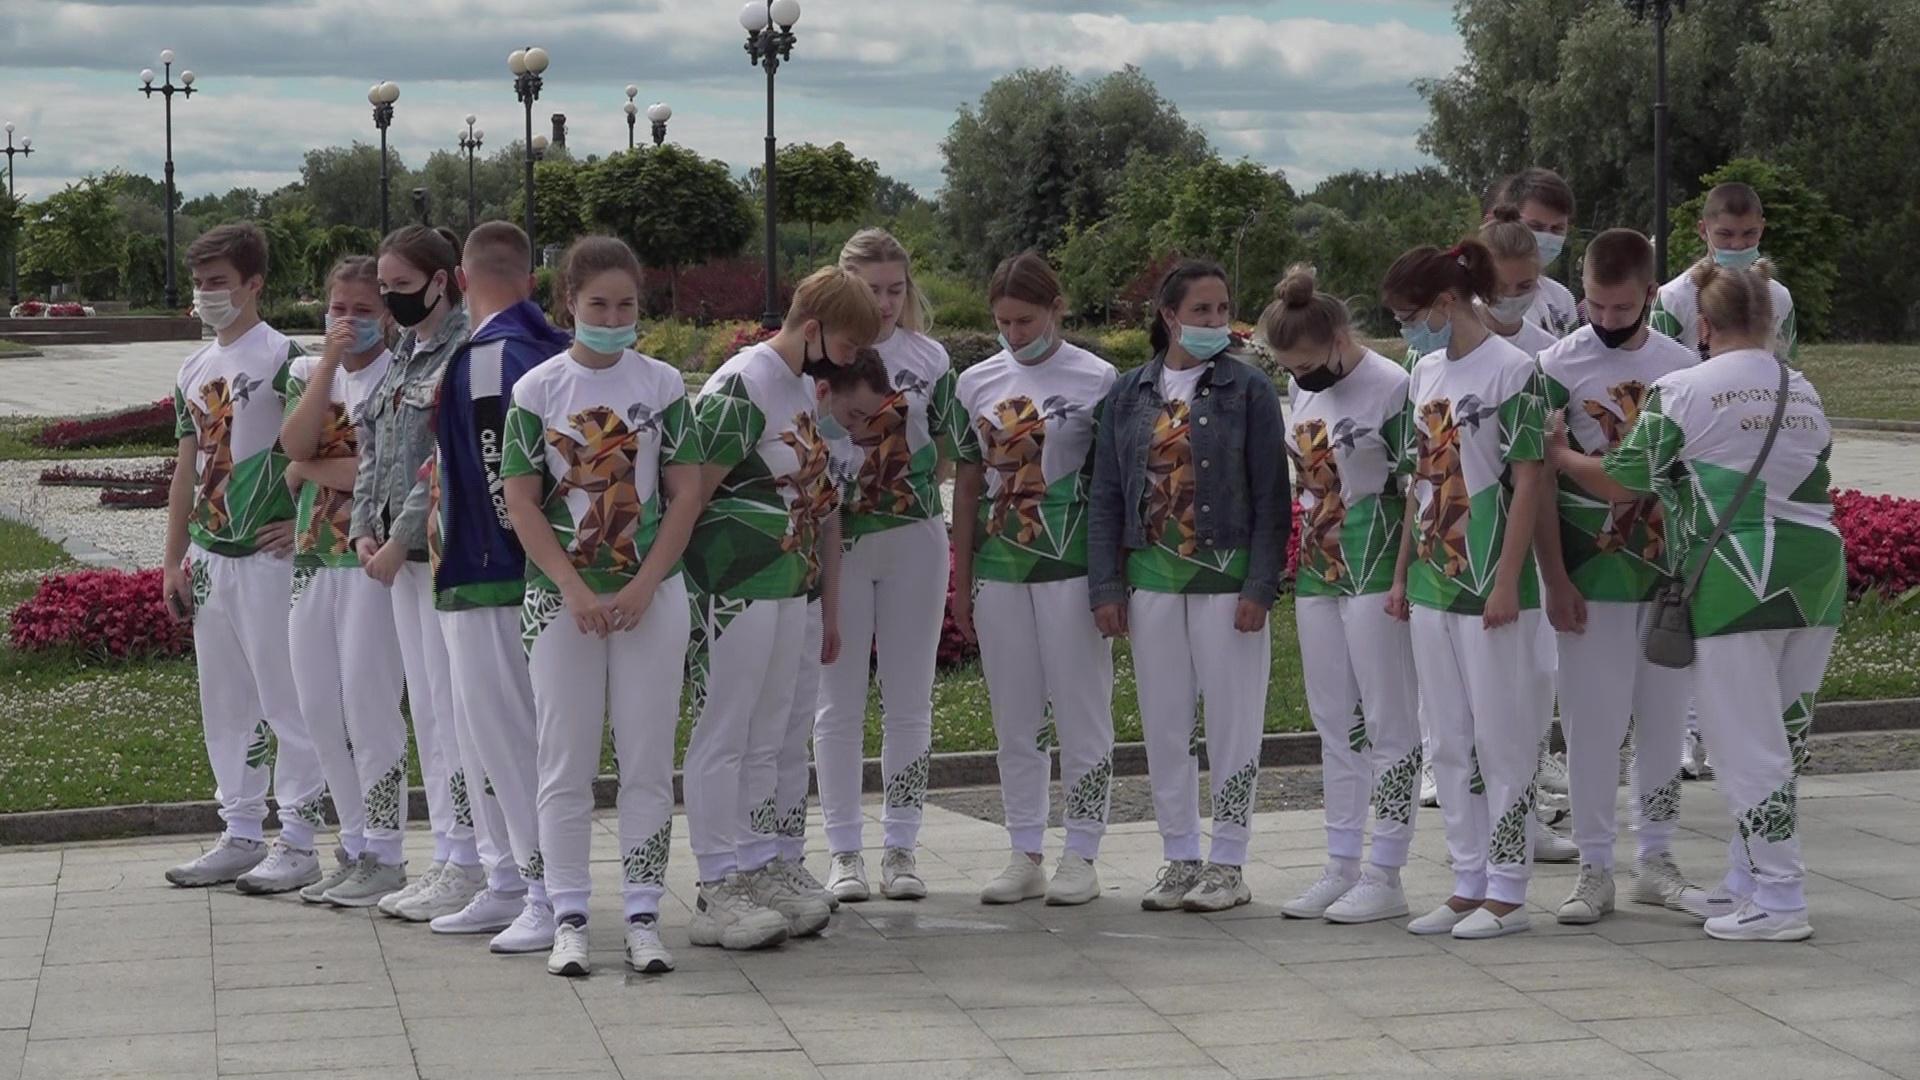 Ярославцы готовятся к участию в конкурсе «WorldSkills Russia», который пройдет в дистанционном режиме